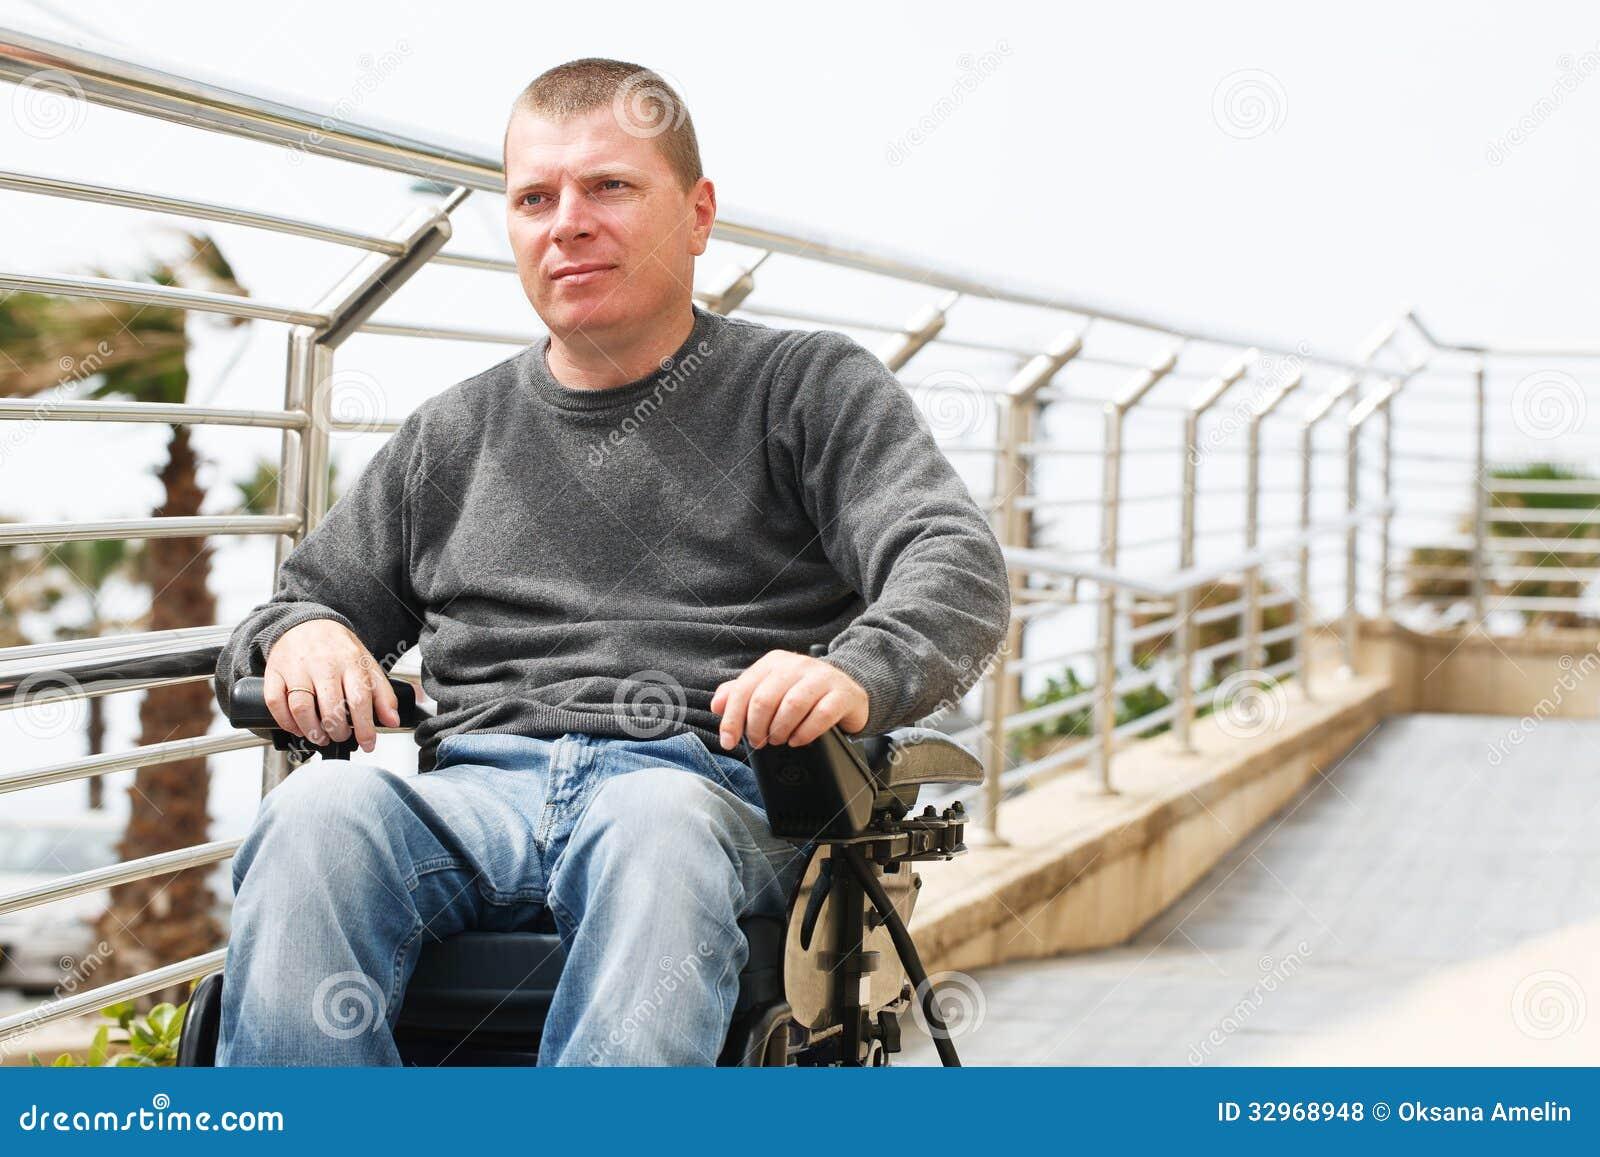 Förlamad i båda benen - rullstol